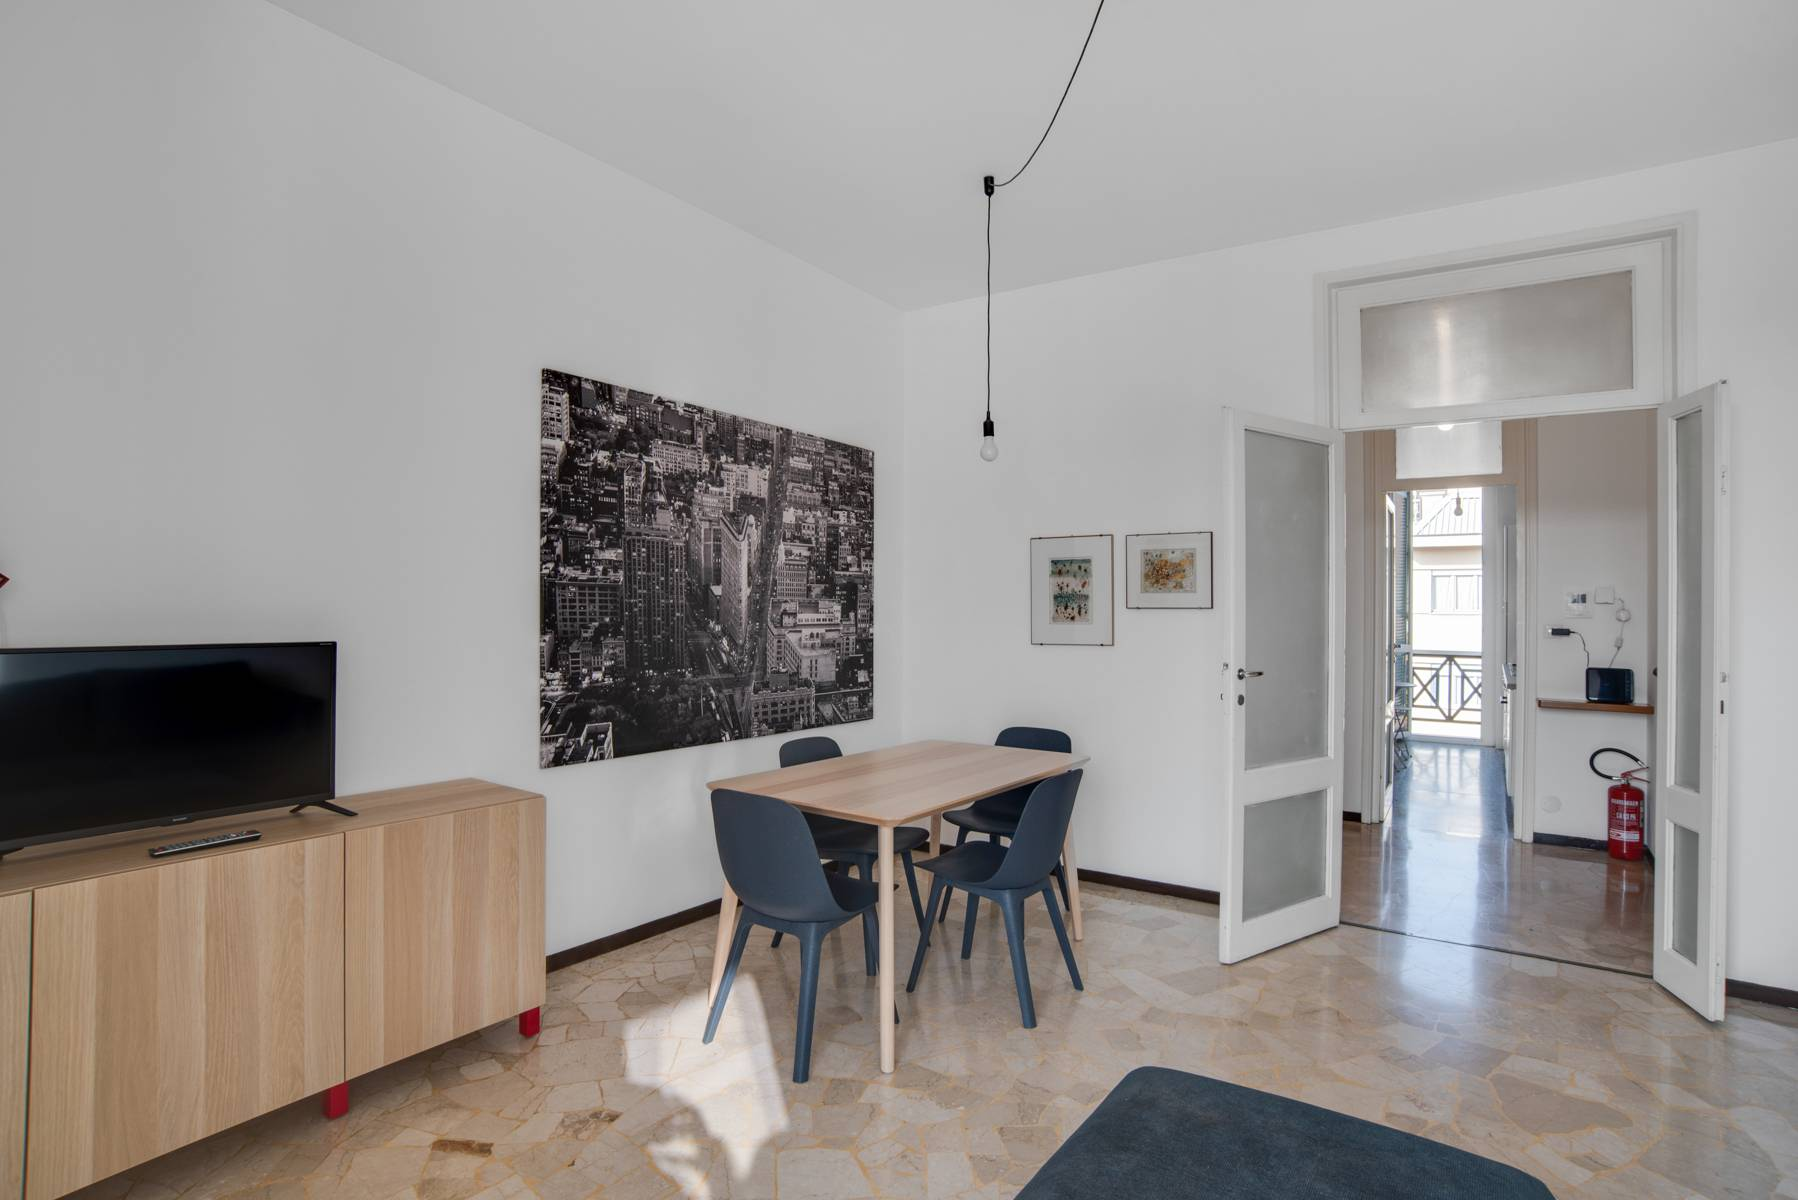 Appartamento in Affitto a Como: 3 locali, 80 mq - Foto 4